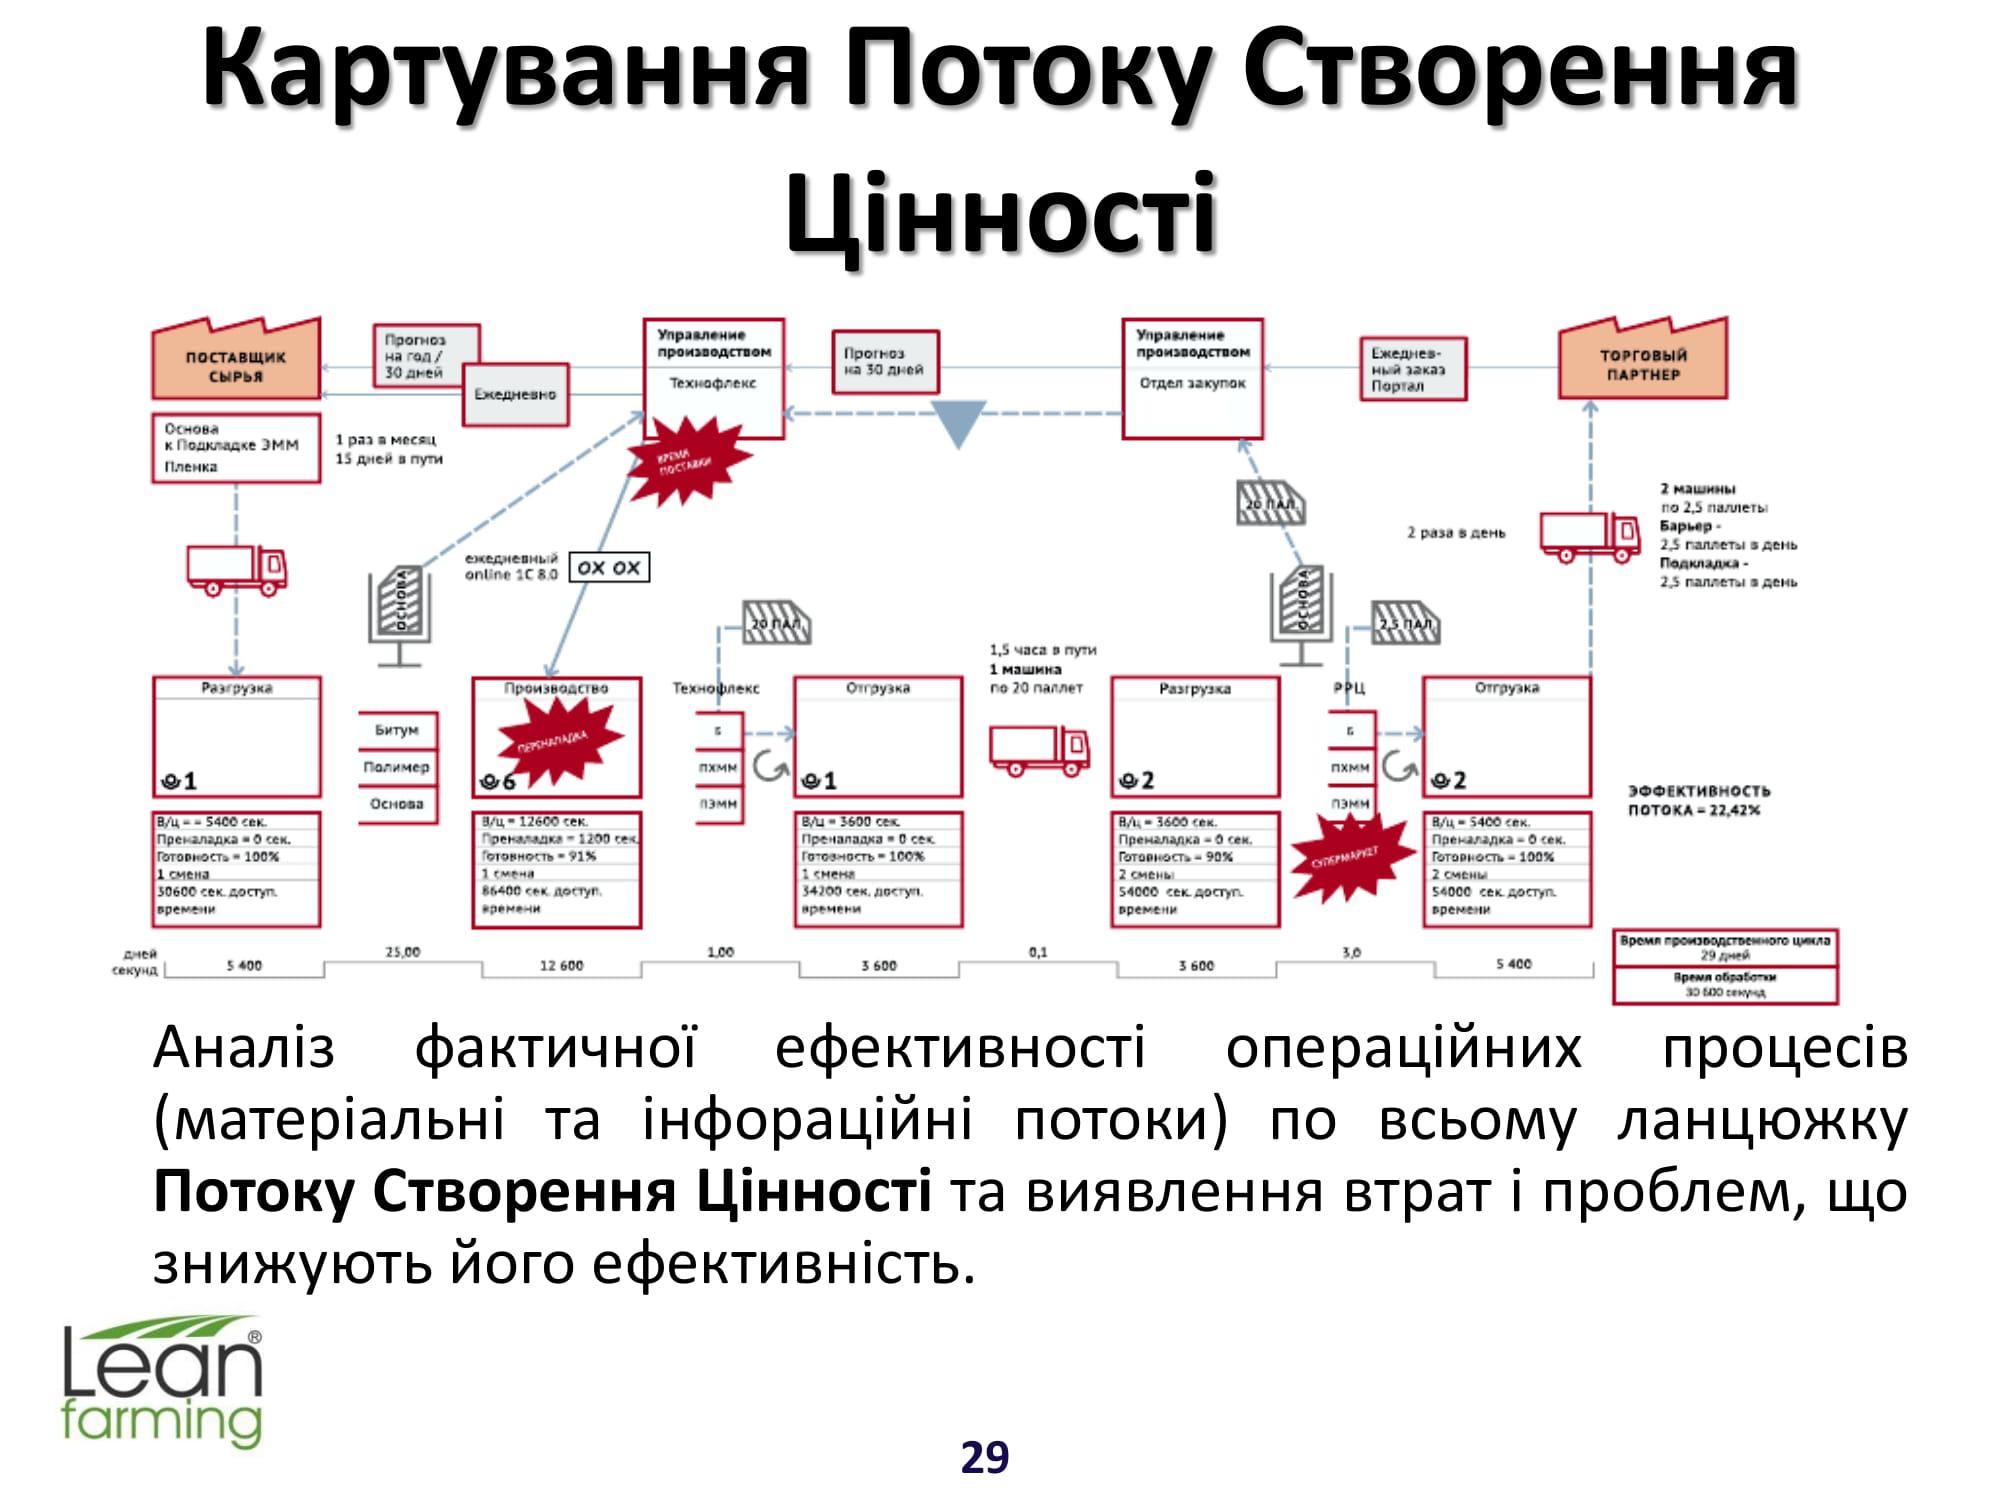 Romantsov Roman Oshhadlyve Fermerstvo 15 03 18 29